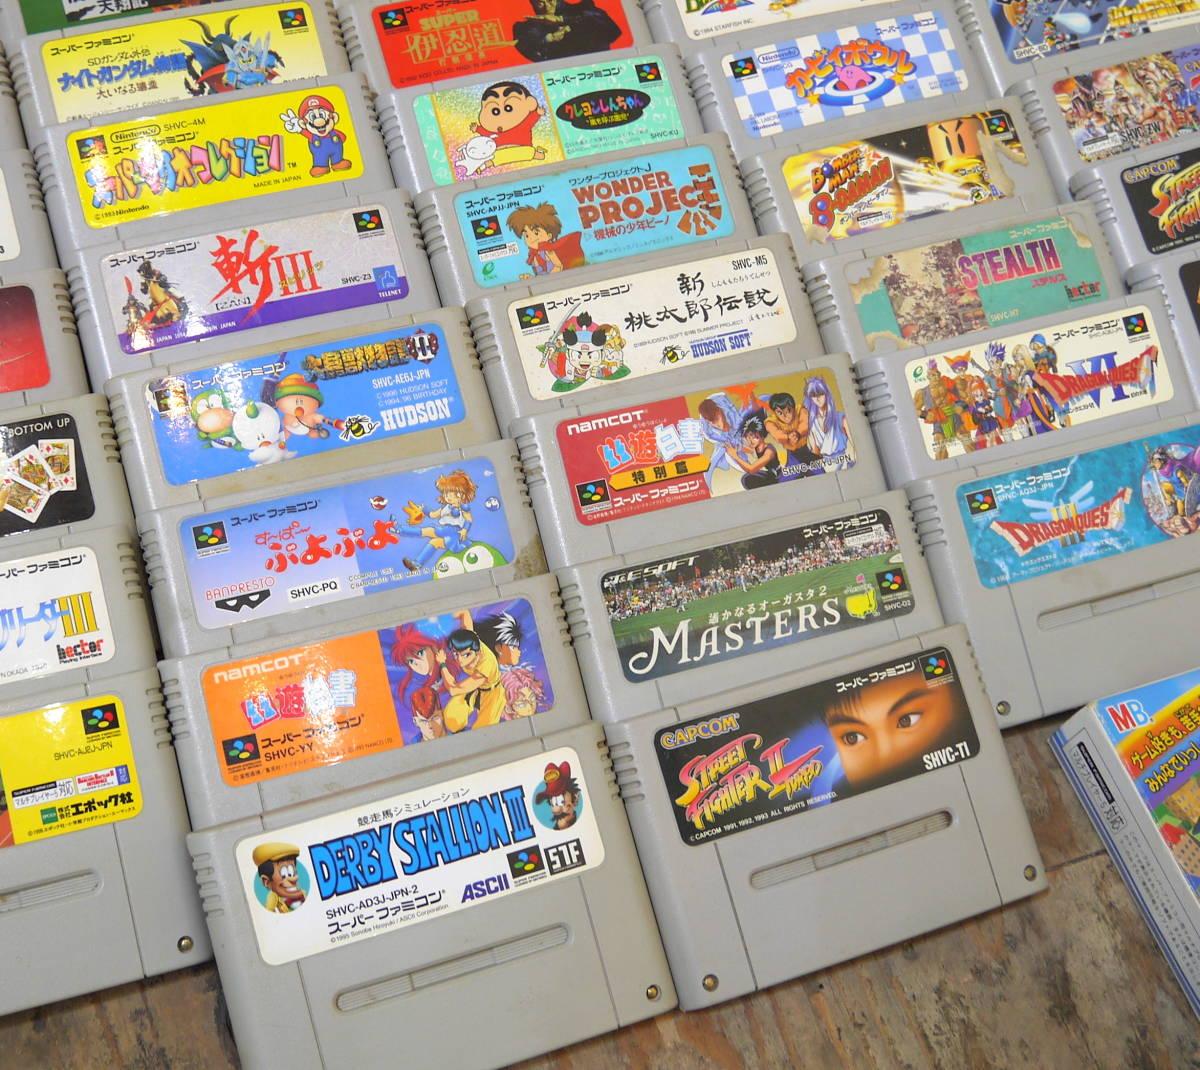 現状品 SFC スーパーファミコン ゲームソフト 79本大量まとめて セット/まとめ売り スーファミ_画像5